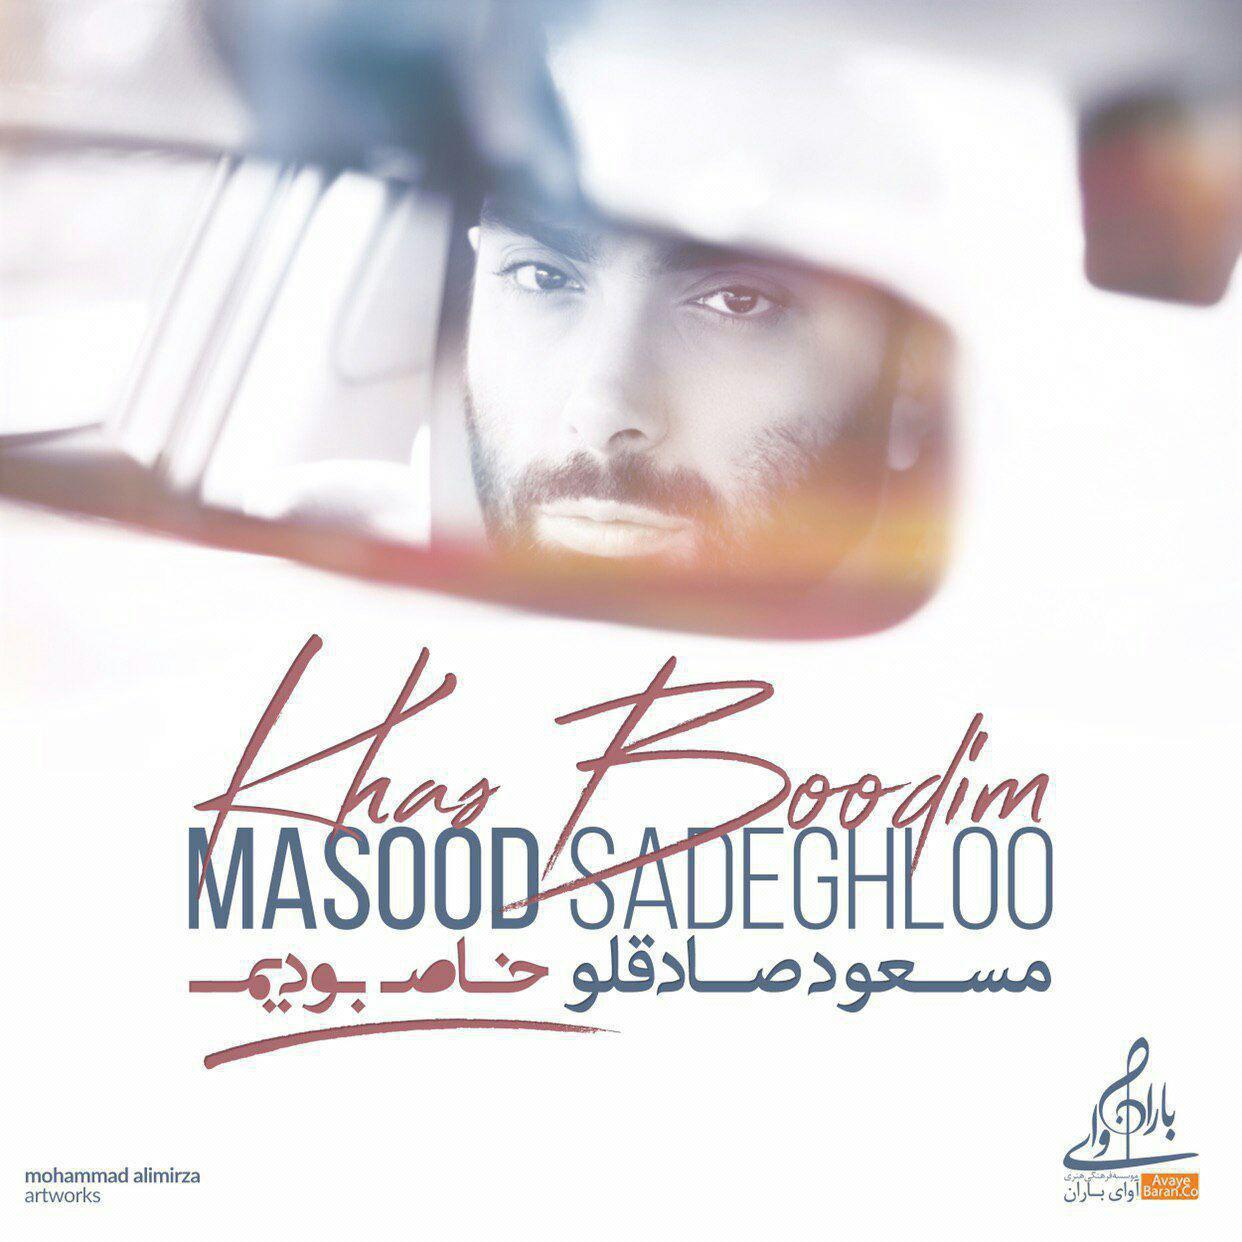 Masoud Sadeghloo - Khas Boodim